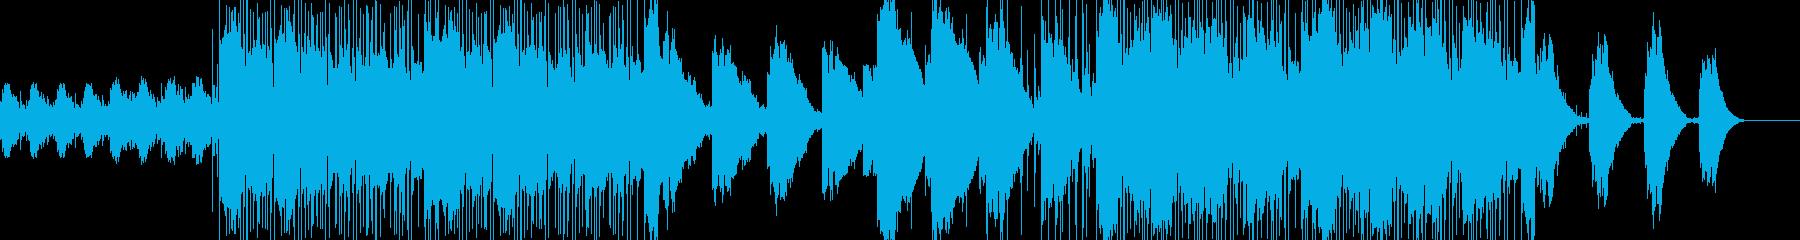 軽快なチルアウトの再生済みの波形